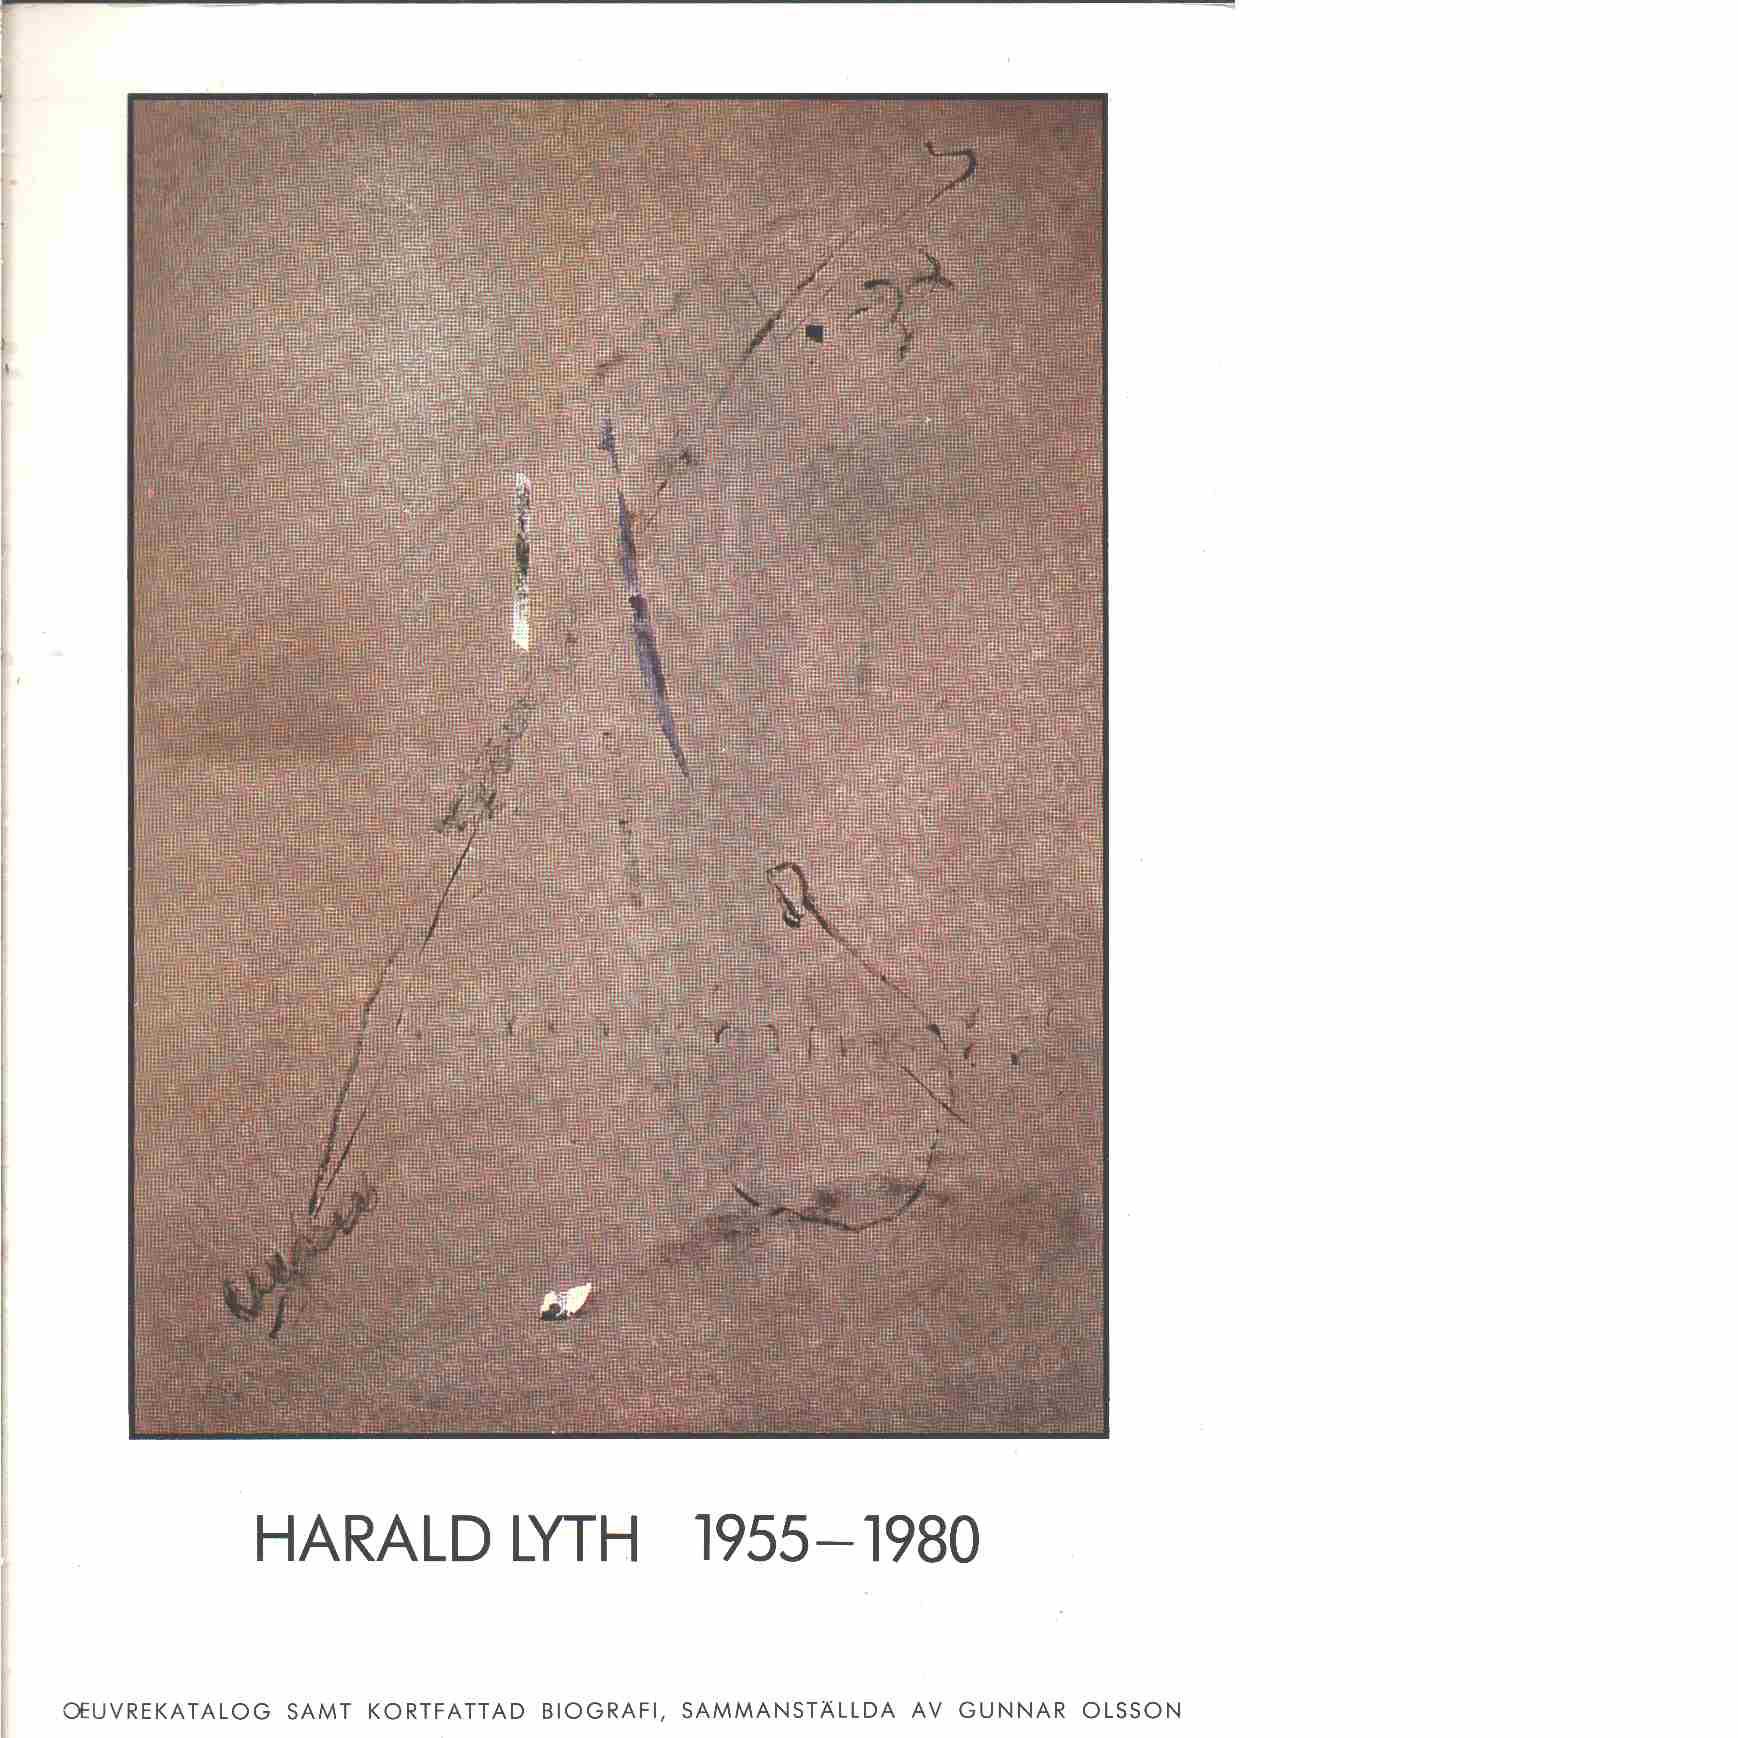 Harald Lyth 1955-1980 : œuvrekatalog samt kortfattad biografi - Red. Olsson, Gunnar